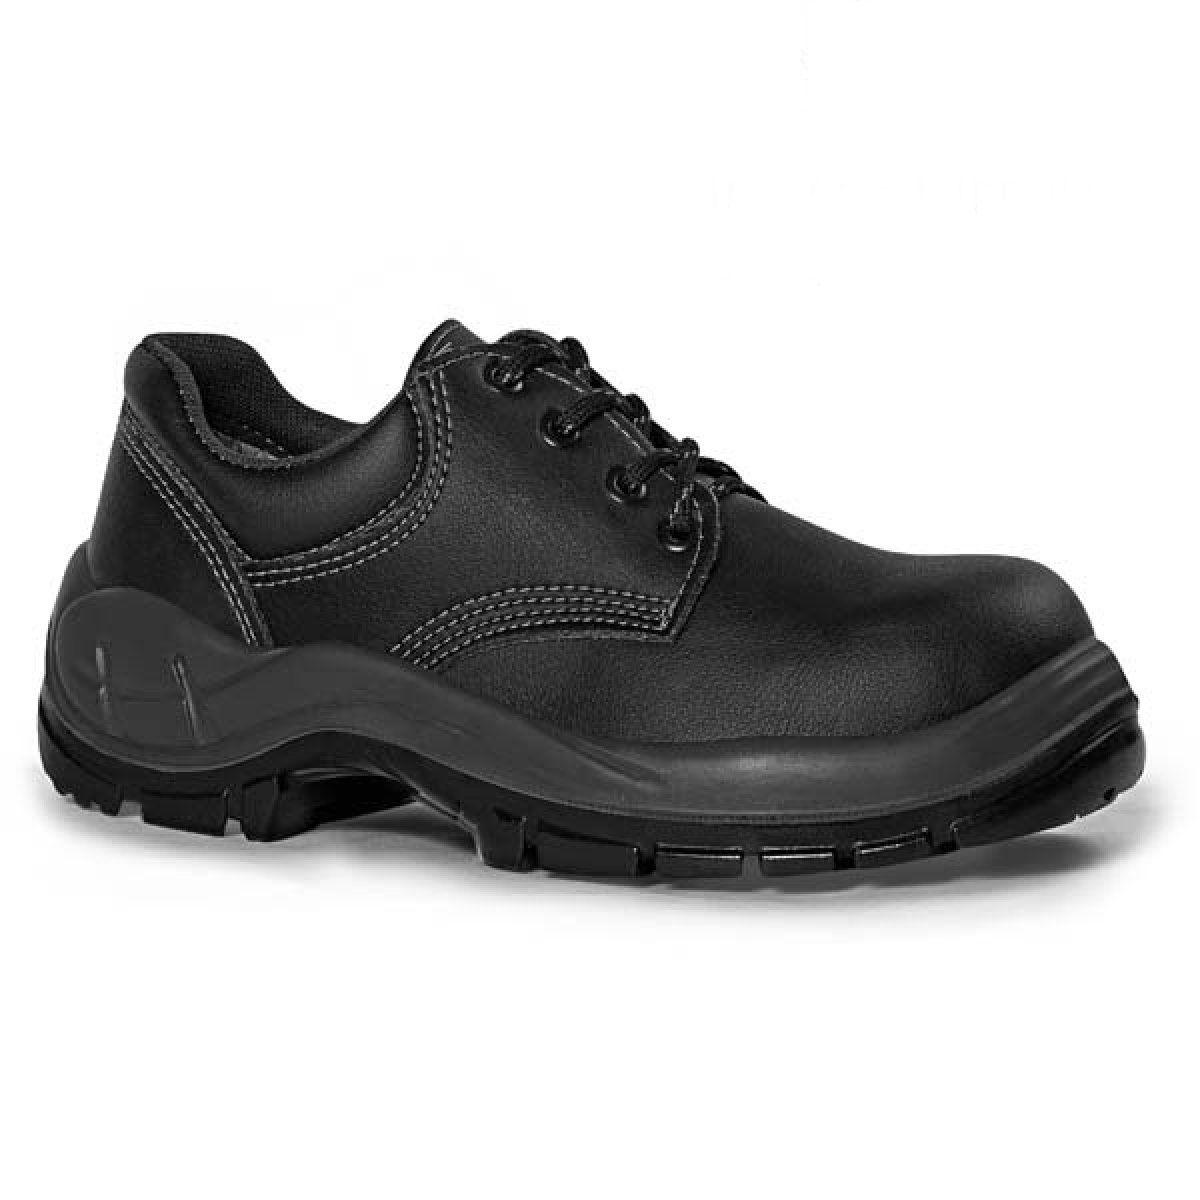 Sapato c/ Cadarço Bidensidade c/ Bico de Aço Preto N°45 - BRACOL